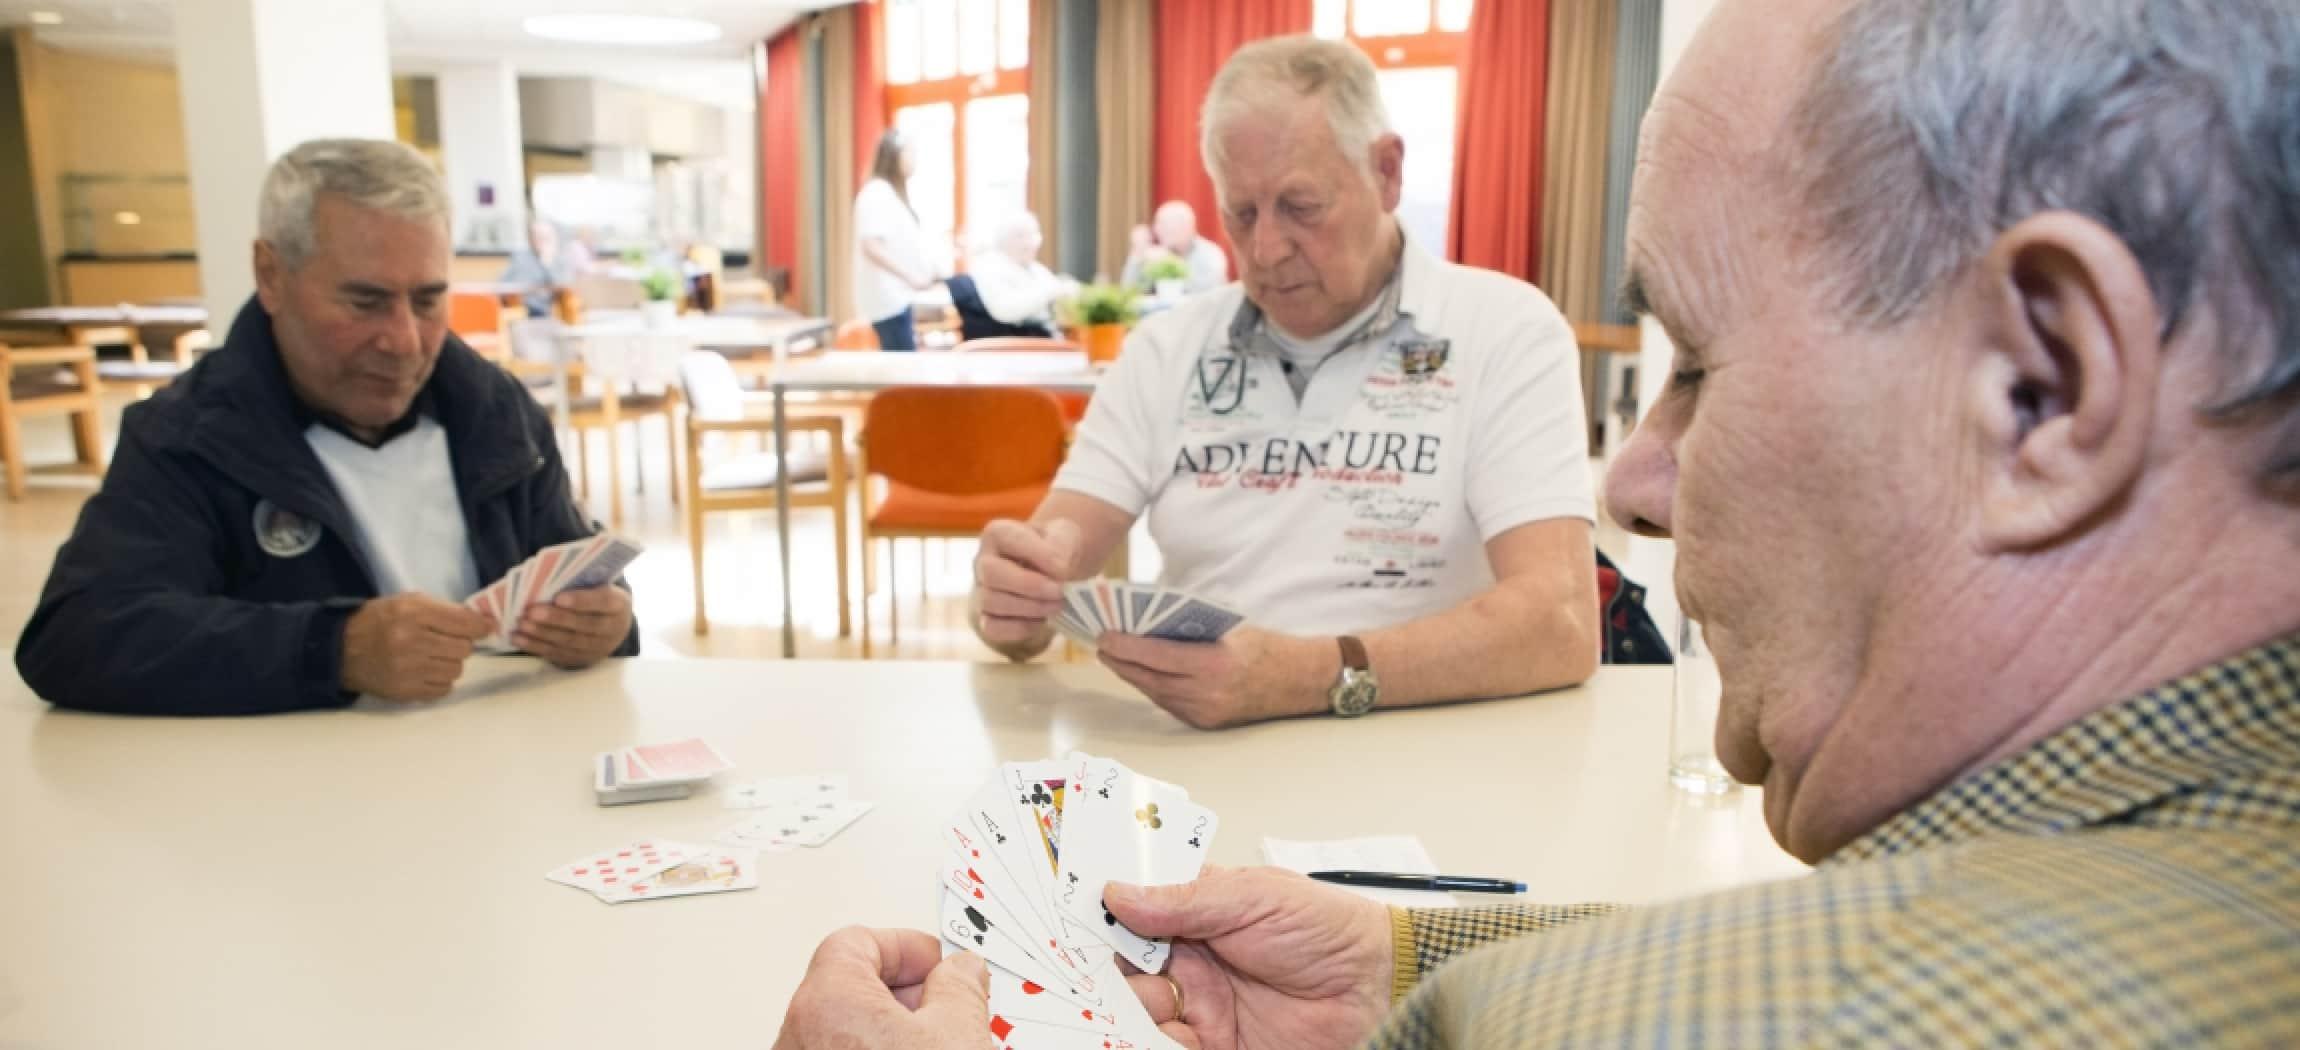 Drie mannen senioren spelen een kaartspel